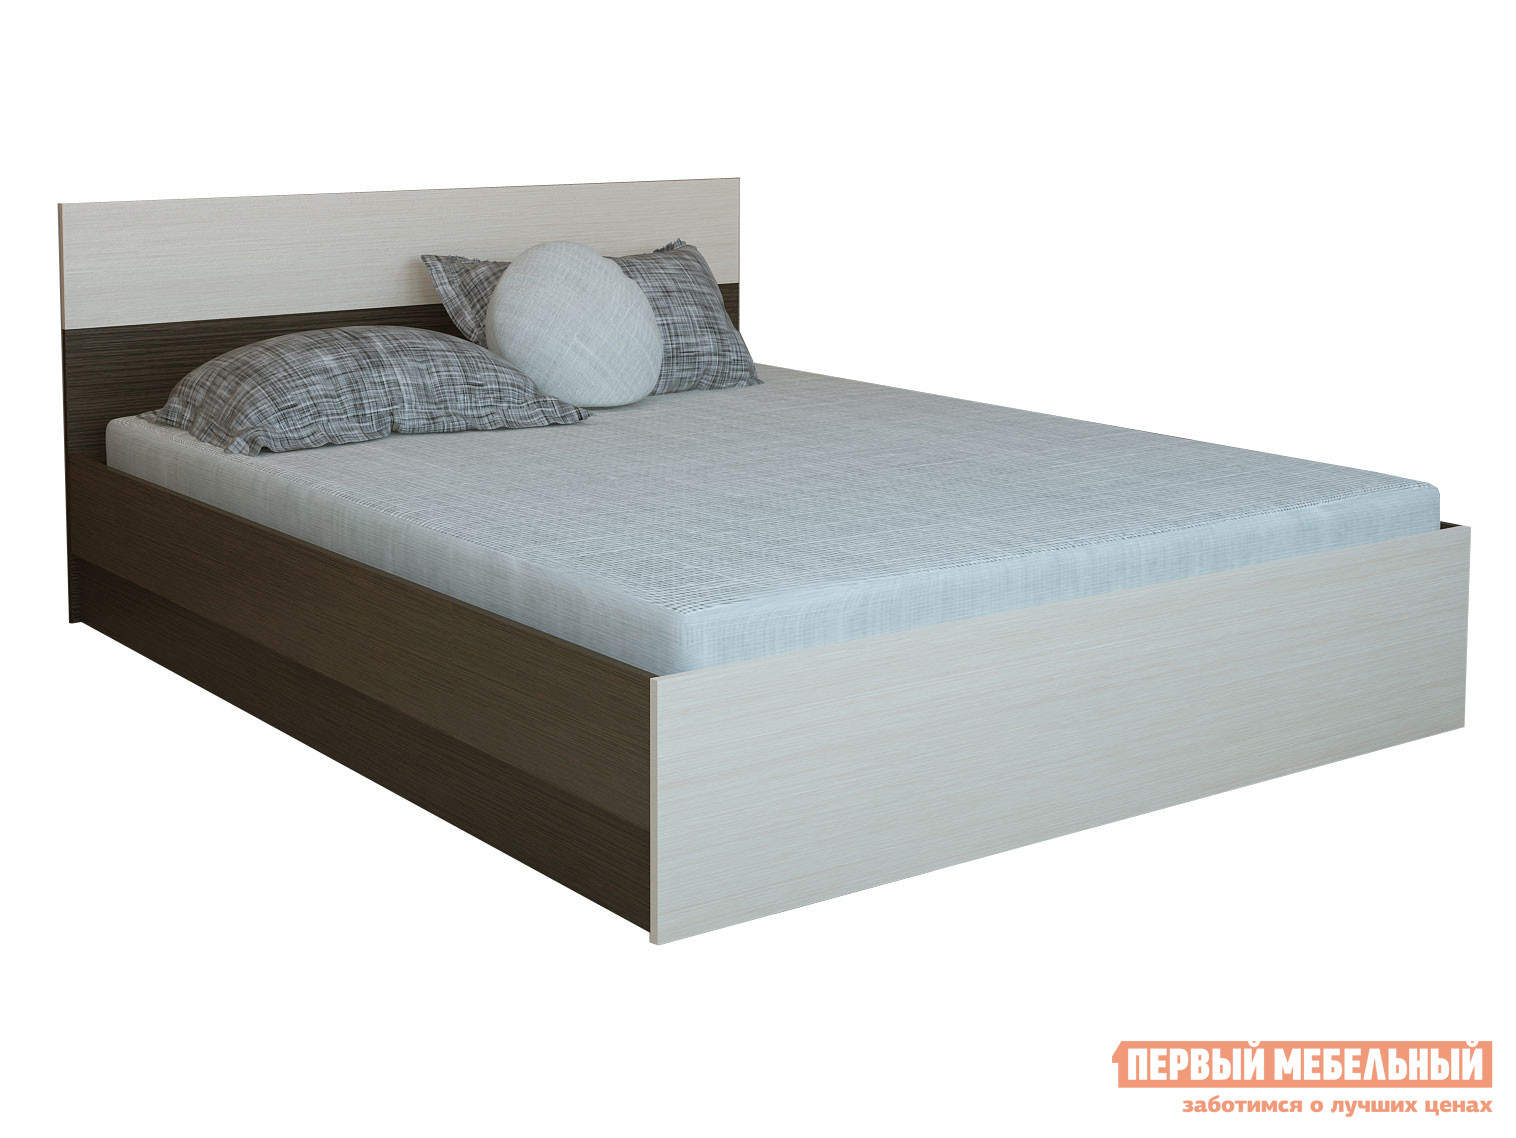 Односпальная кровать  Кровать Юнона Венге / Дуб, 800 Х 2000 мм — Кровать Юнона Венге / Дуб, 800 Х 2000 мм